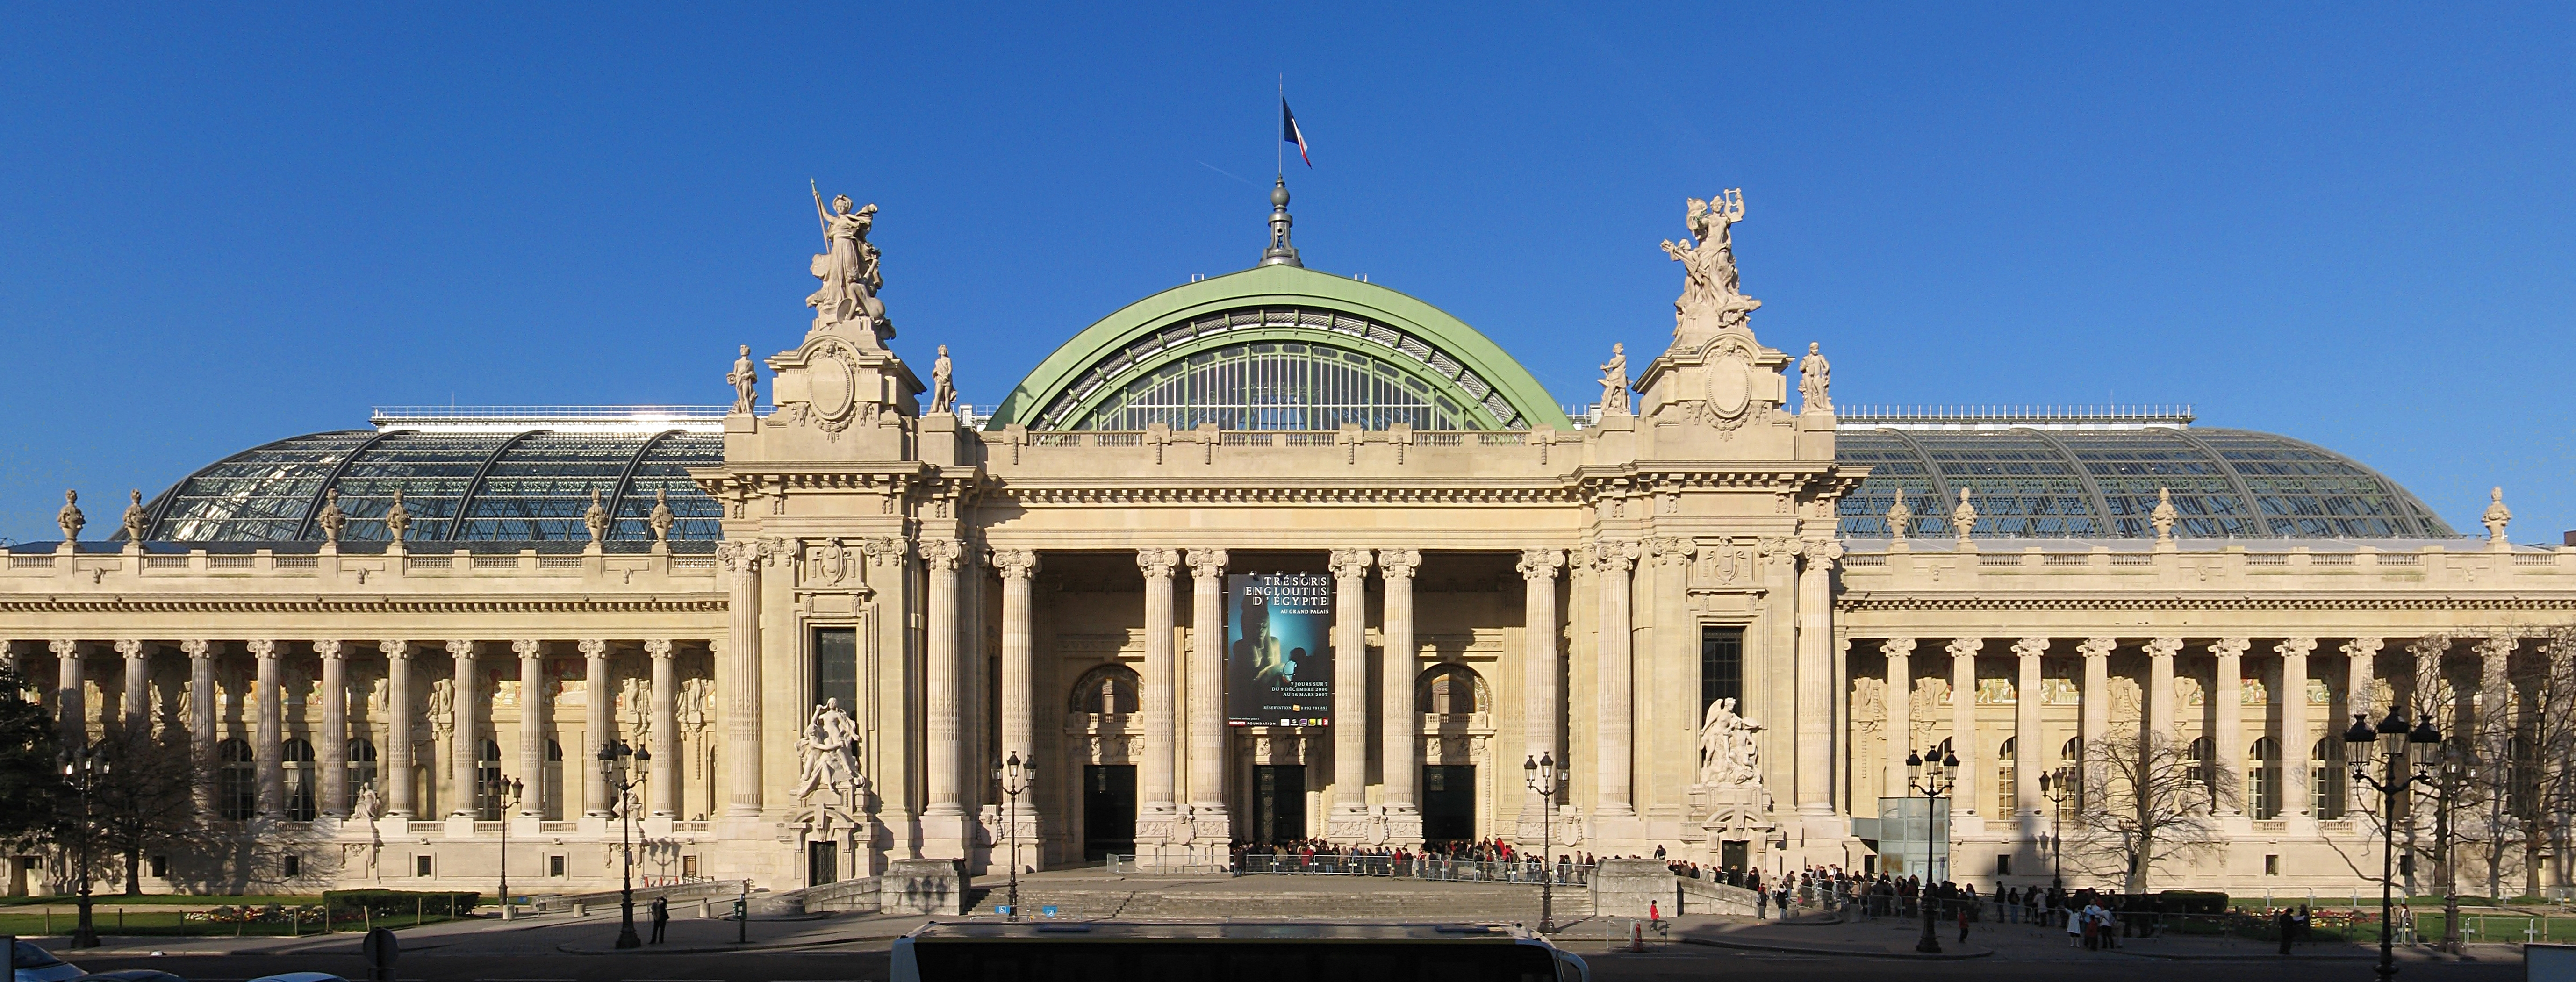 2cv paris tour paris sightseeing tours by 2cv the grand palais. Black Bedroom Furniture Sets. Home Design Ideas